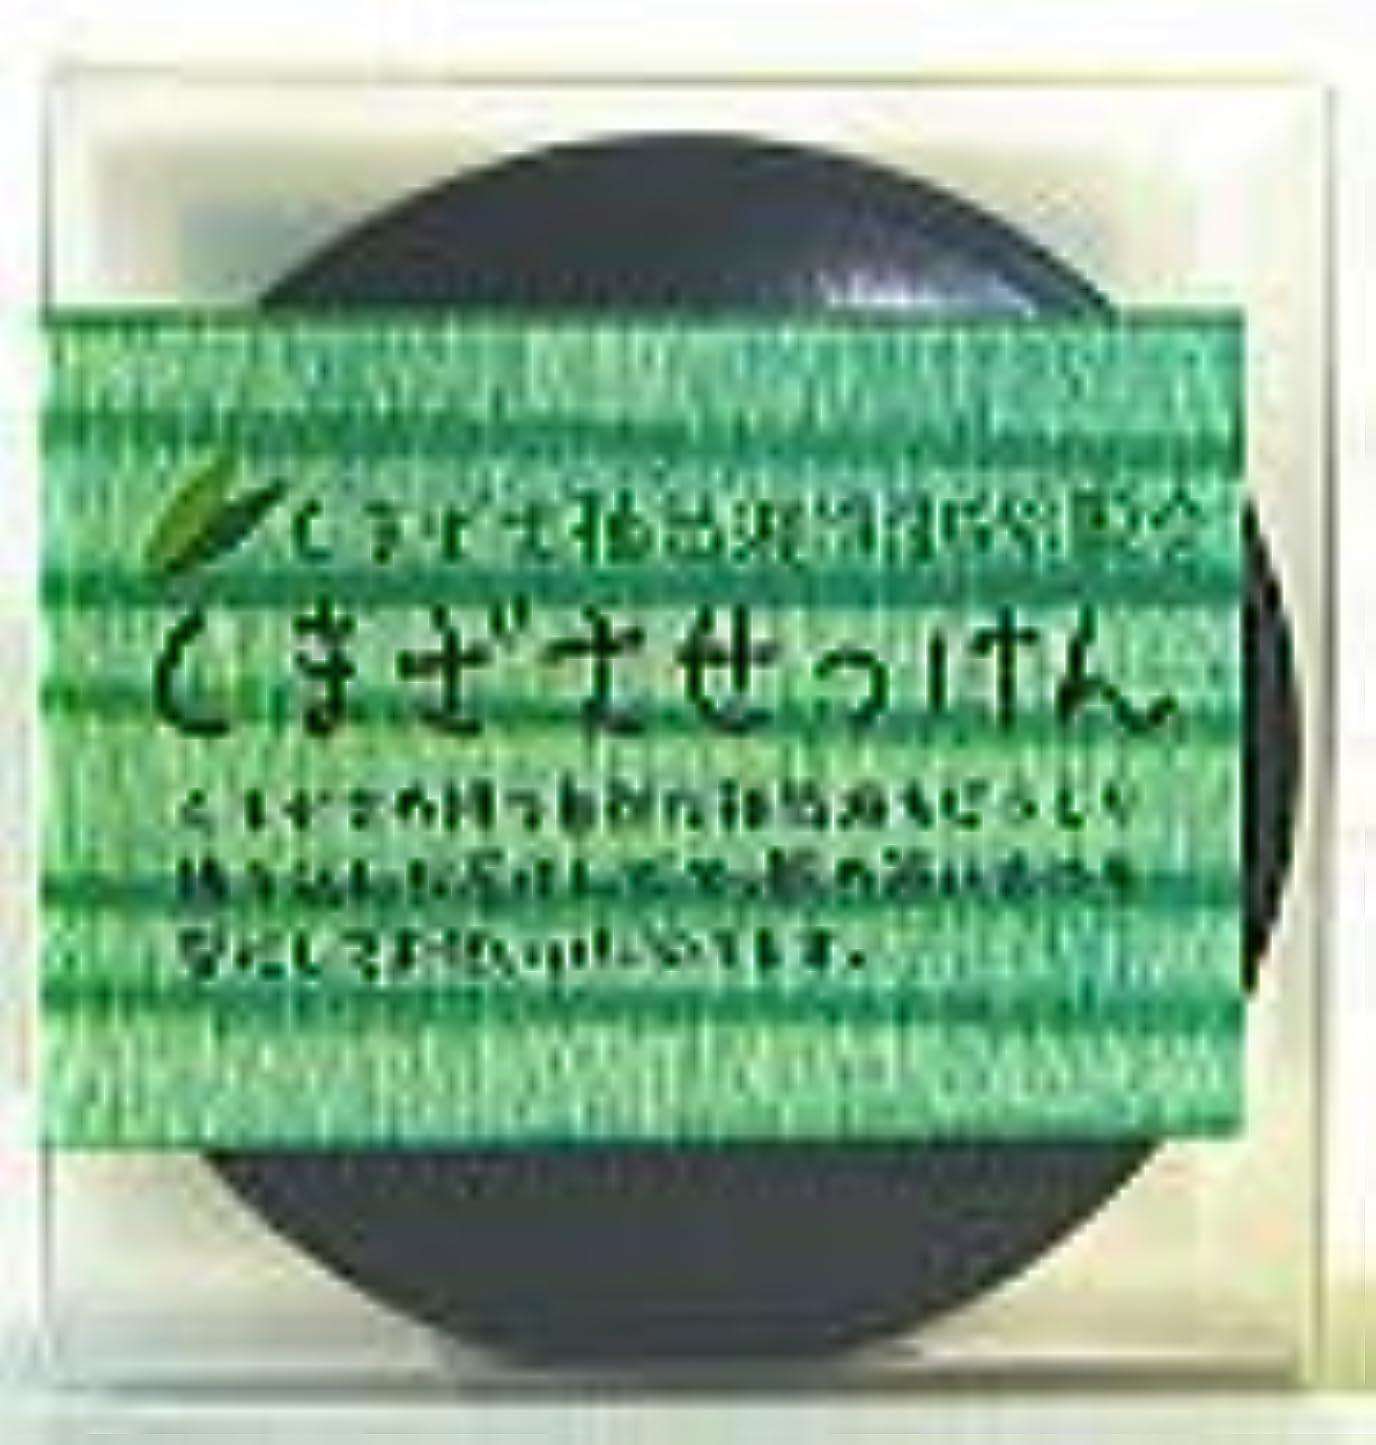 流星純粋な行為サンクロン クマザサ石鹸 100g×3